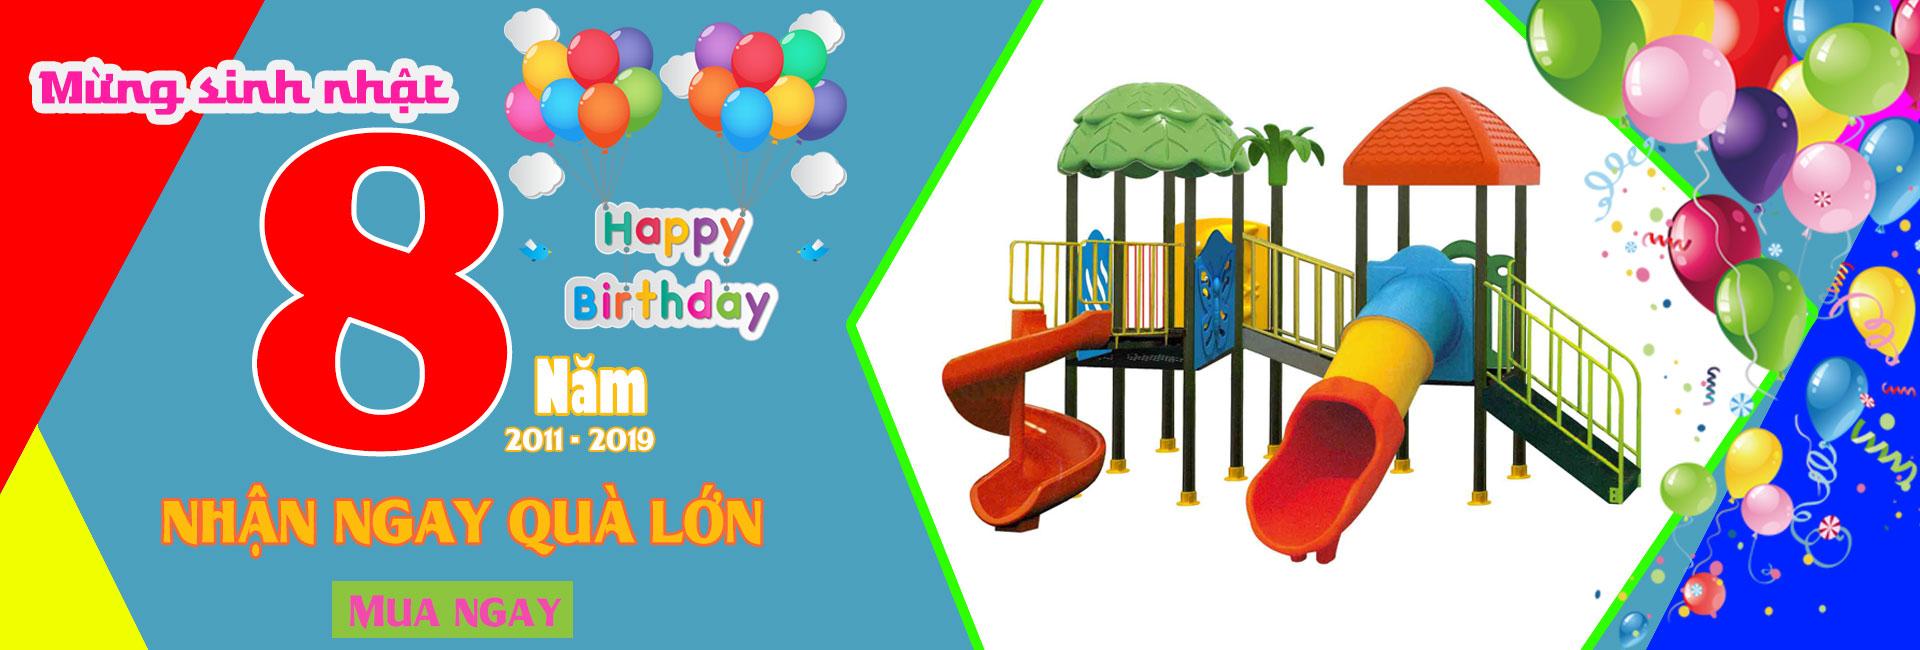 Khuyến mại sinh nhật 8 năm đồ chơi Hà Huy